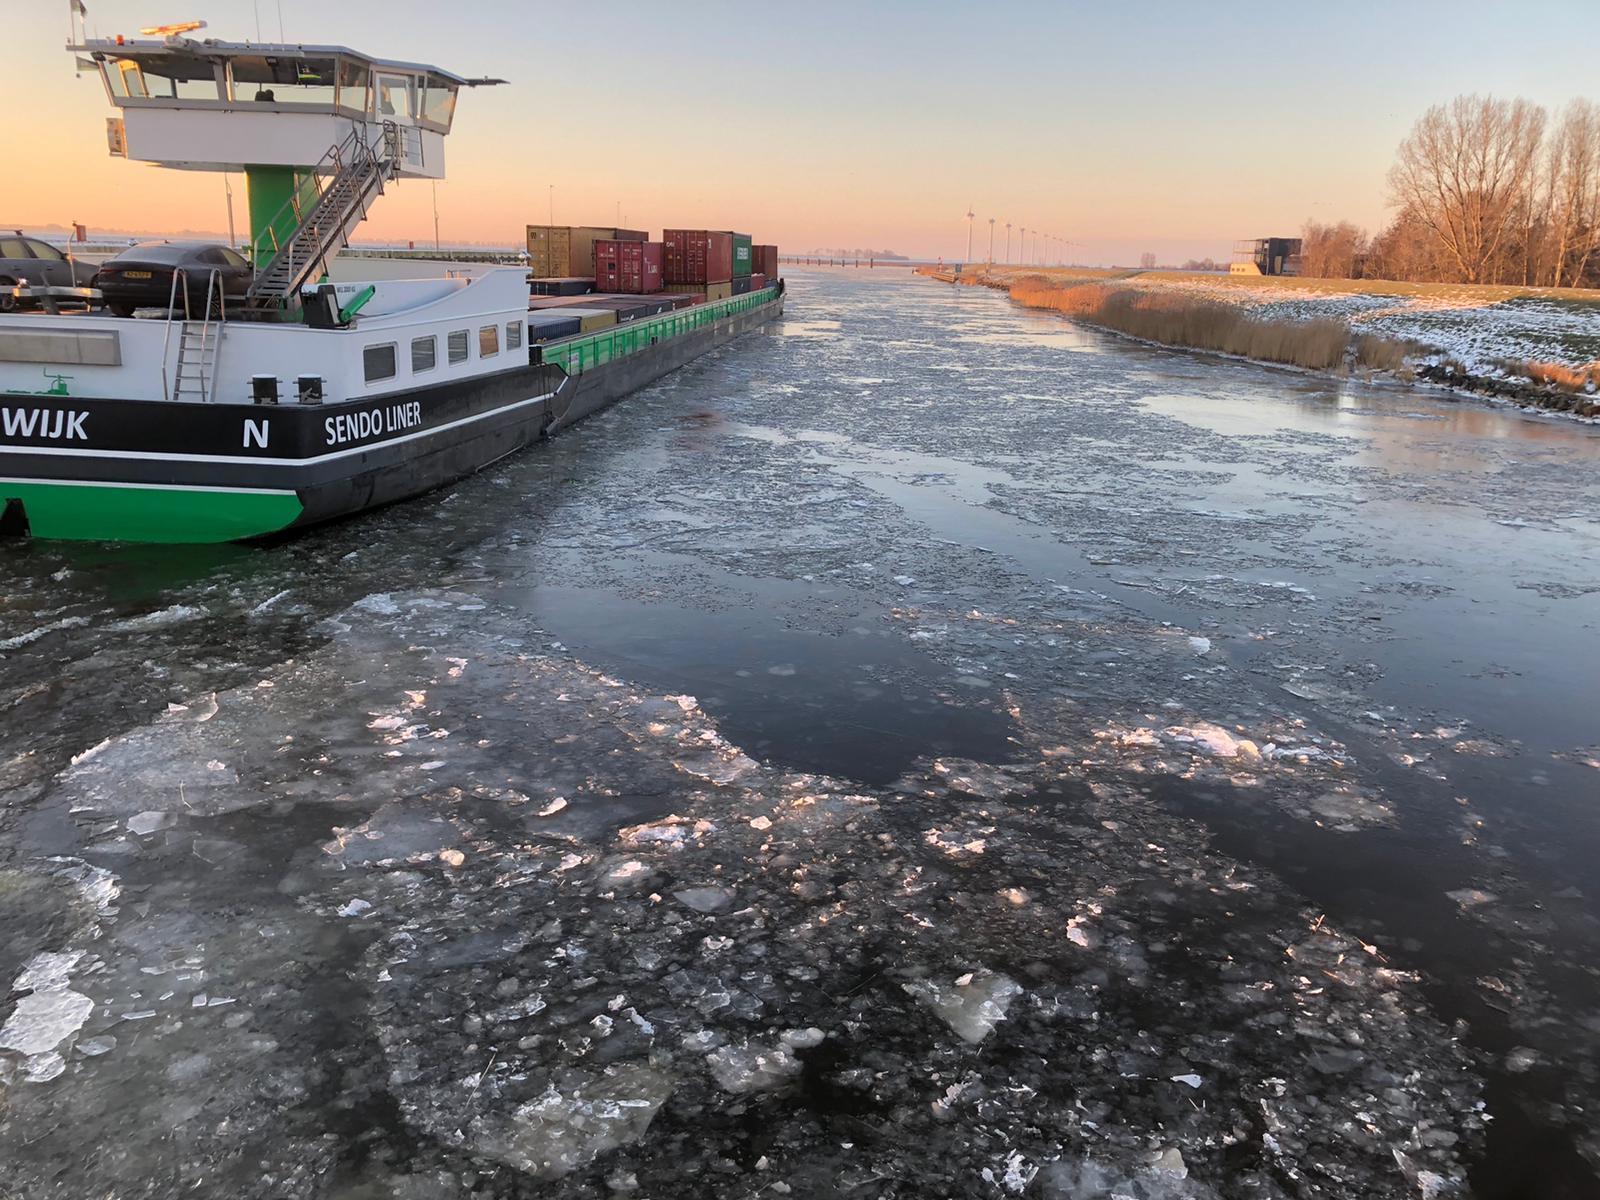 Door de inzet van ijsbrekers op de hoofdroute Lemmer-Delfzijl kon deze Sendoliner toch varen (Foto Rijkswaterstaat)